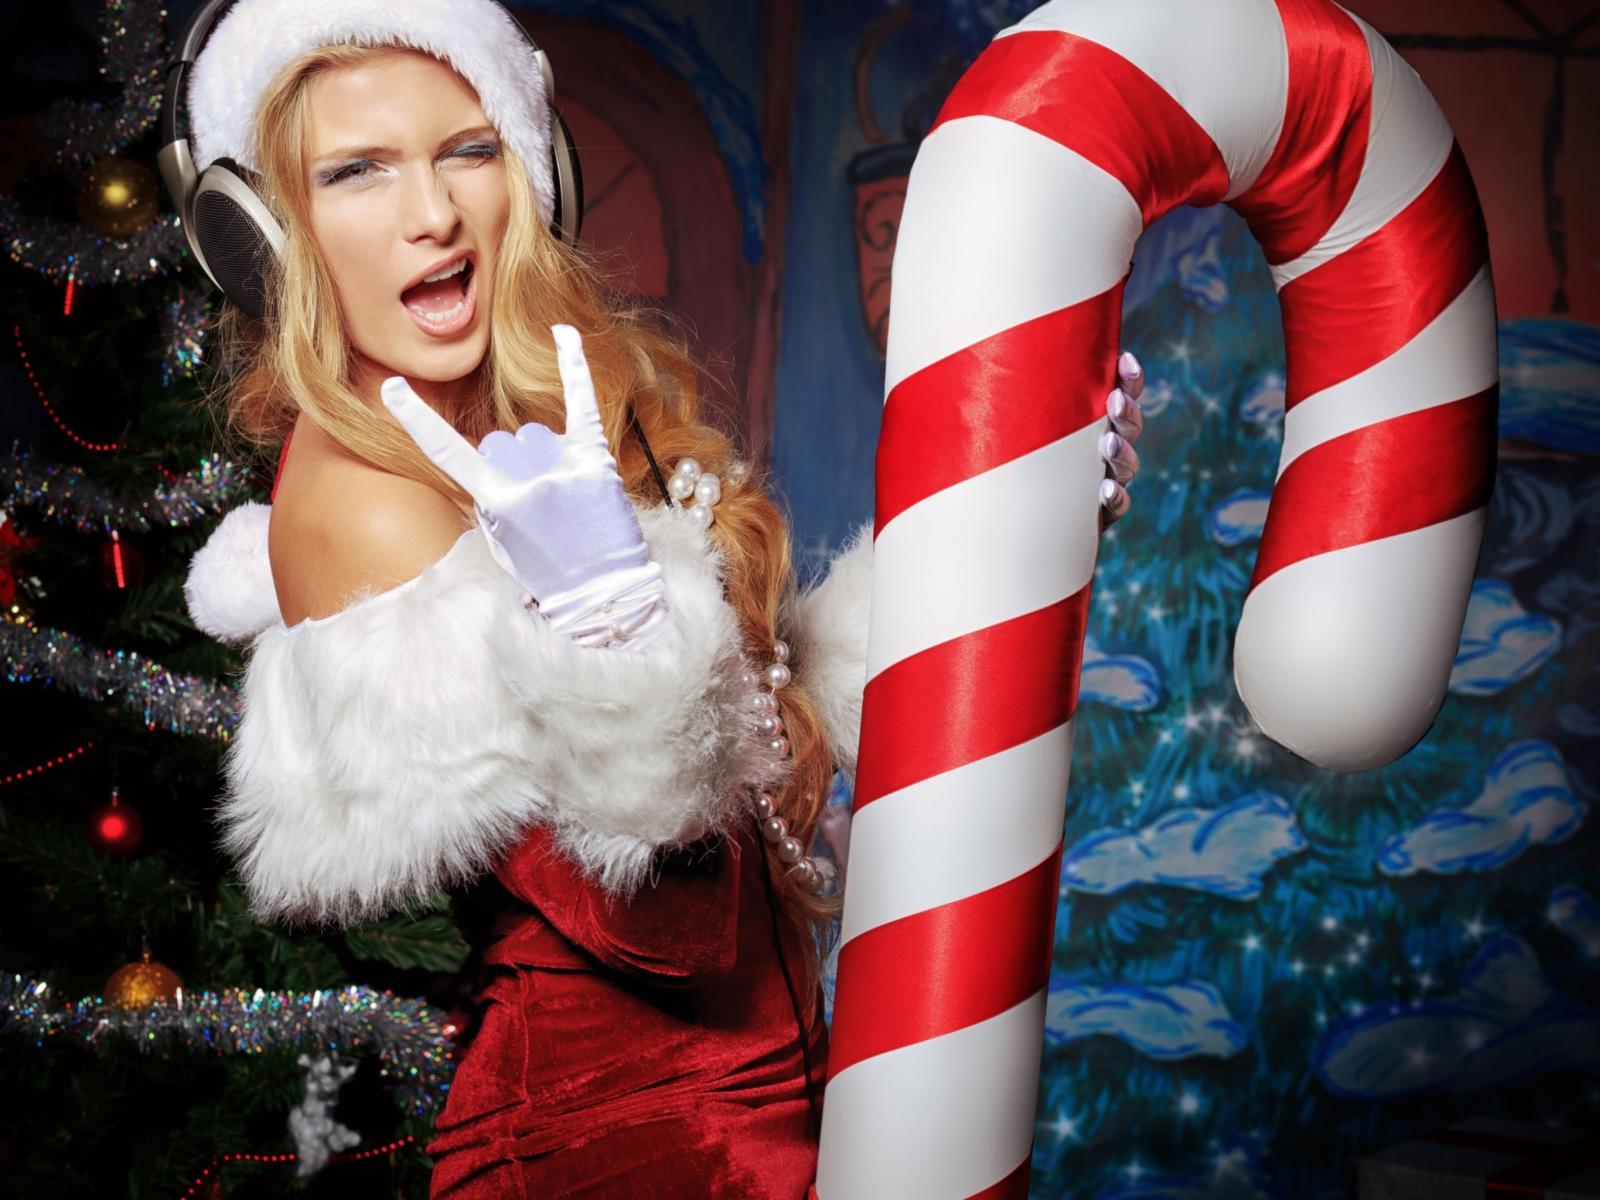 Santa claus porn pics naked tube